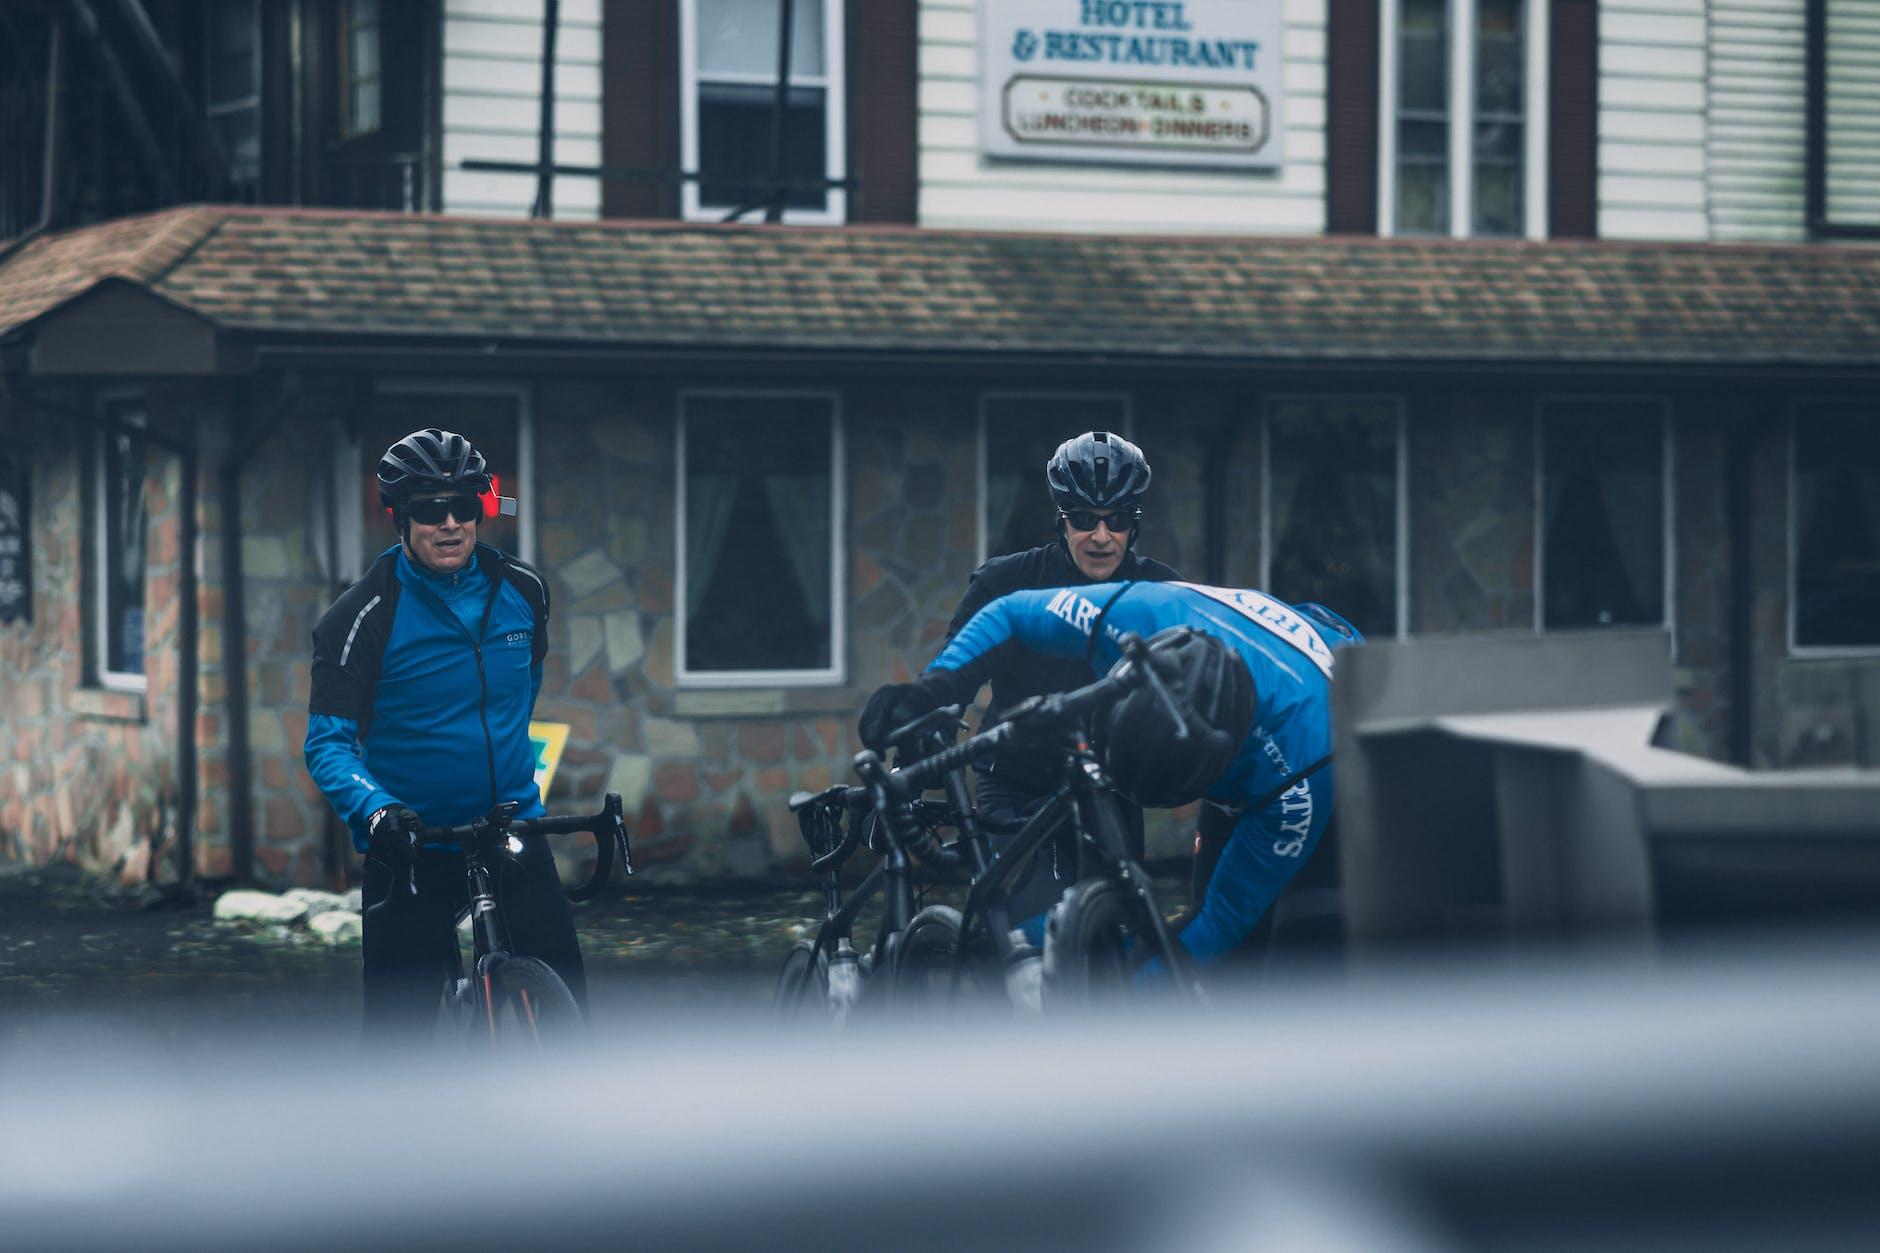 three bikers wearing helmet